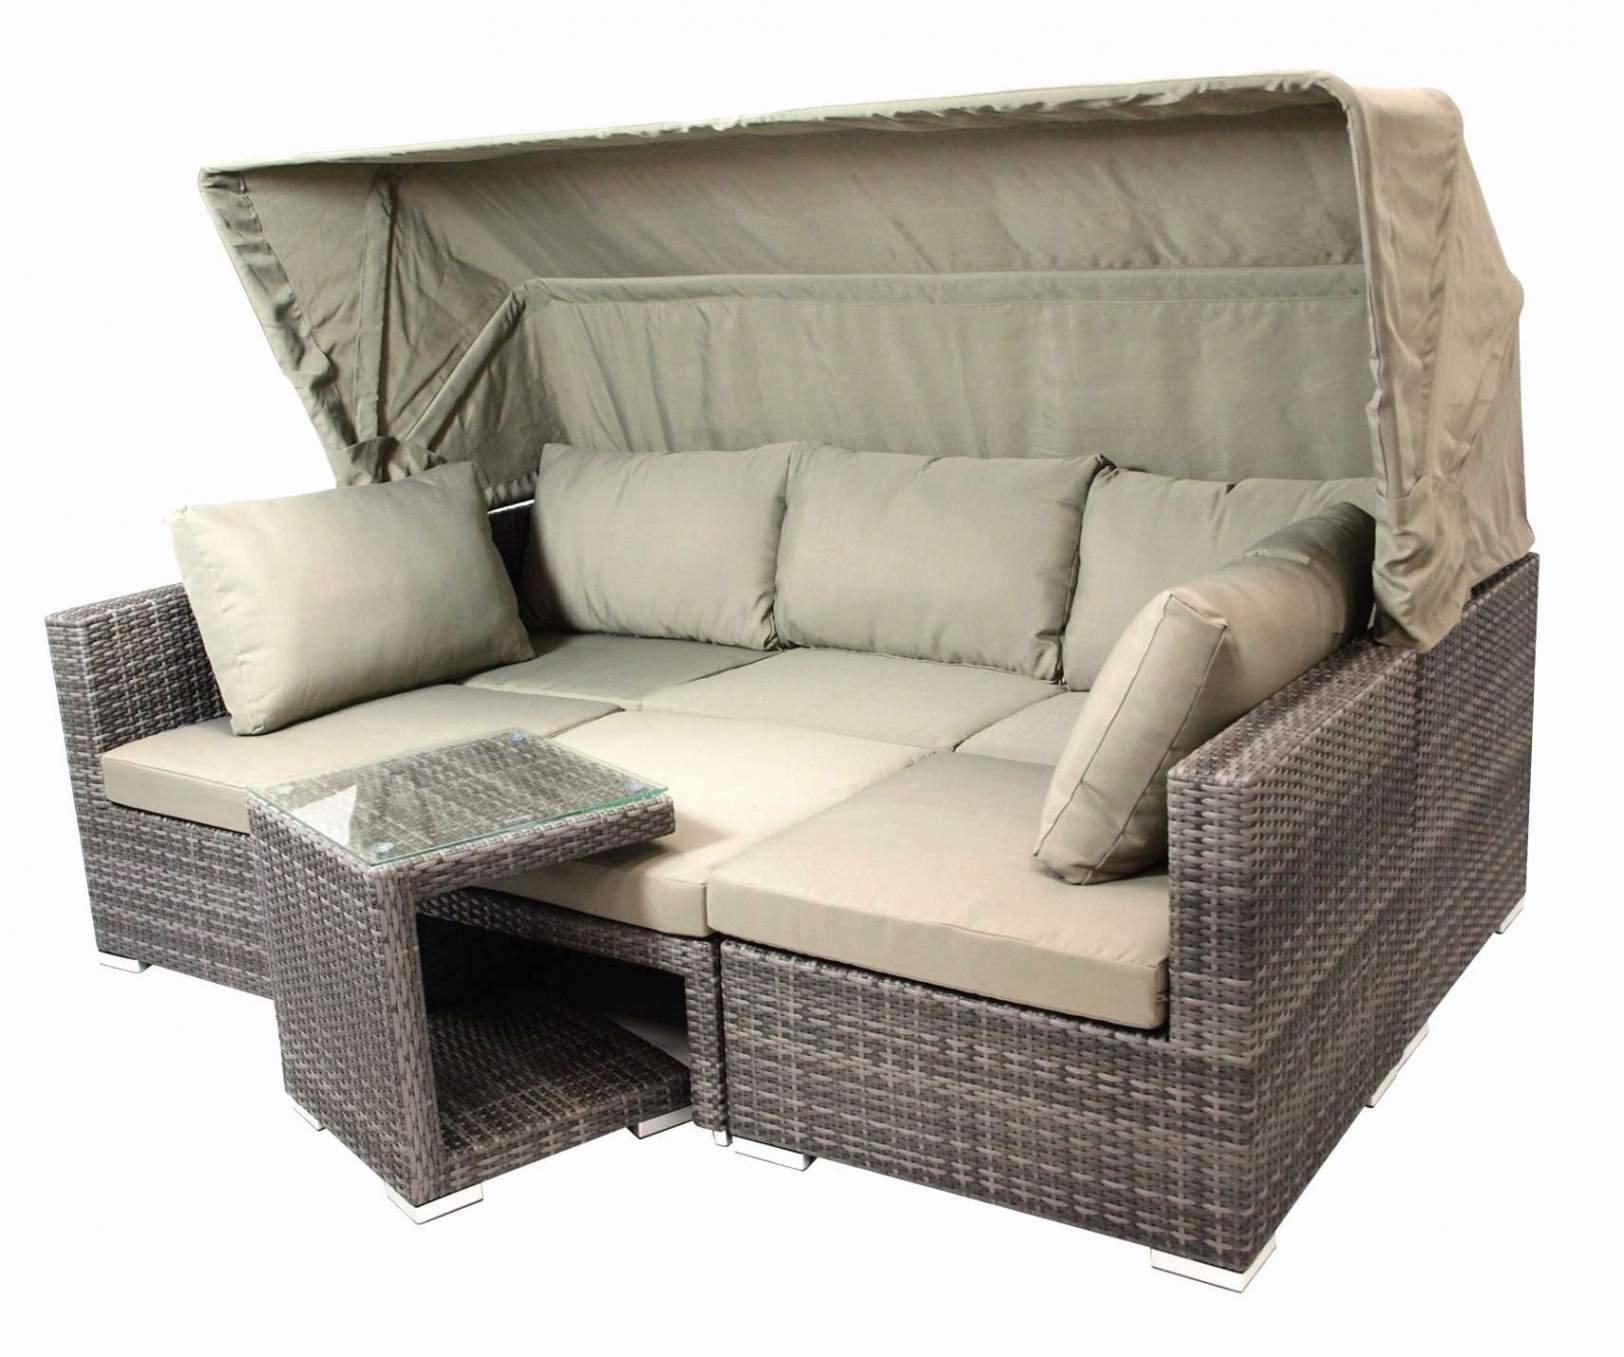 Obi Garten Lounge Frisch Outdoor Lounge Selber Bauen — Temobardz Home Blog